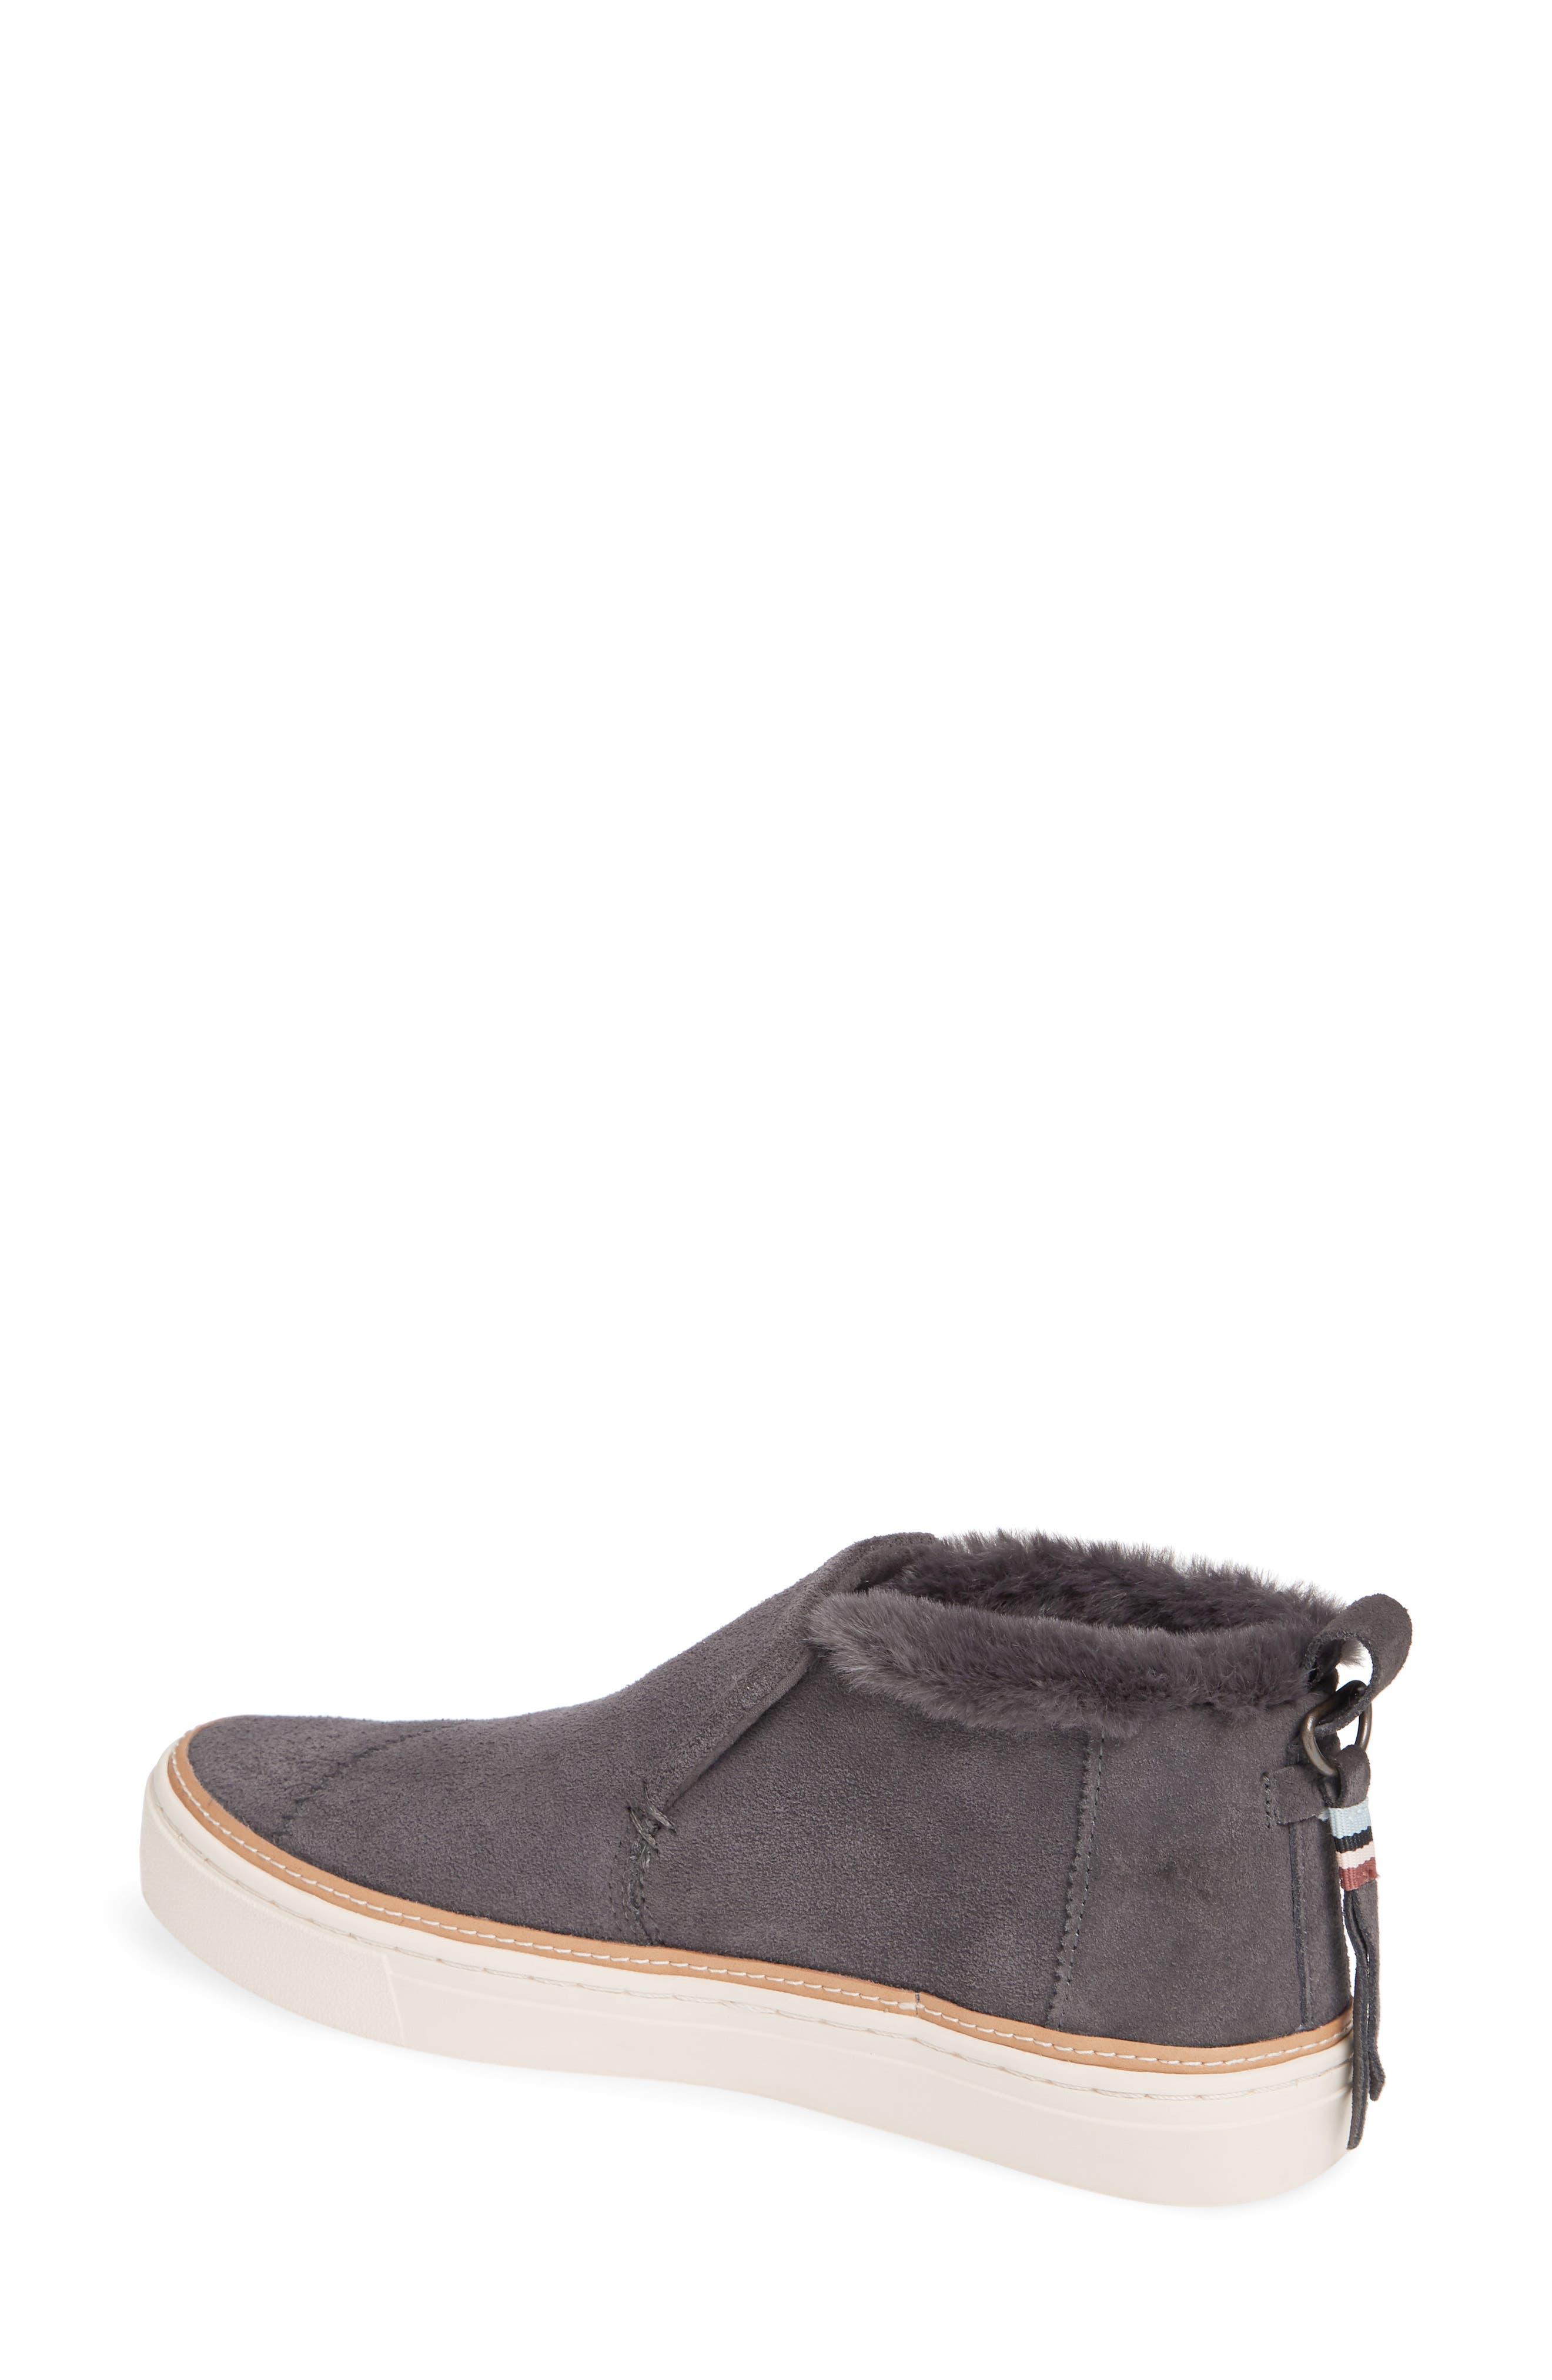 Paxton Slip-On Chukka Sneaker,                             Alternate thumbnail 2, color,                             020